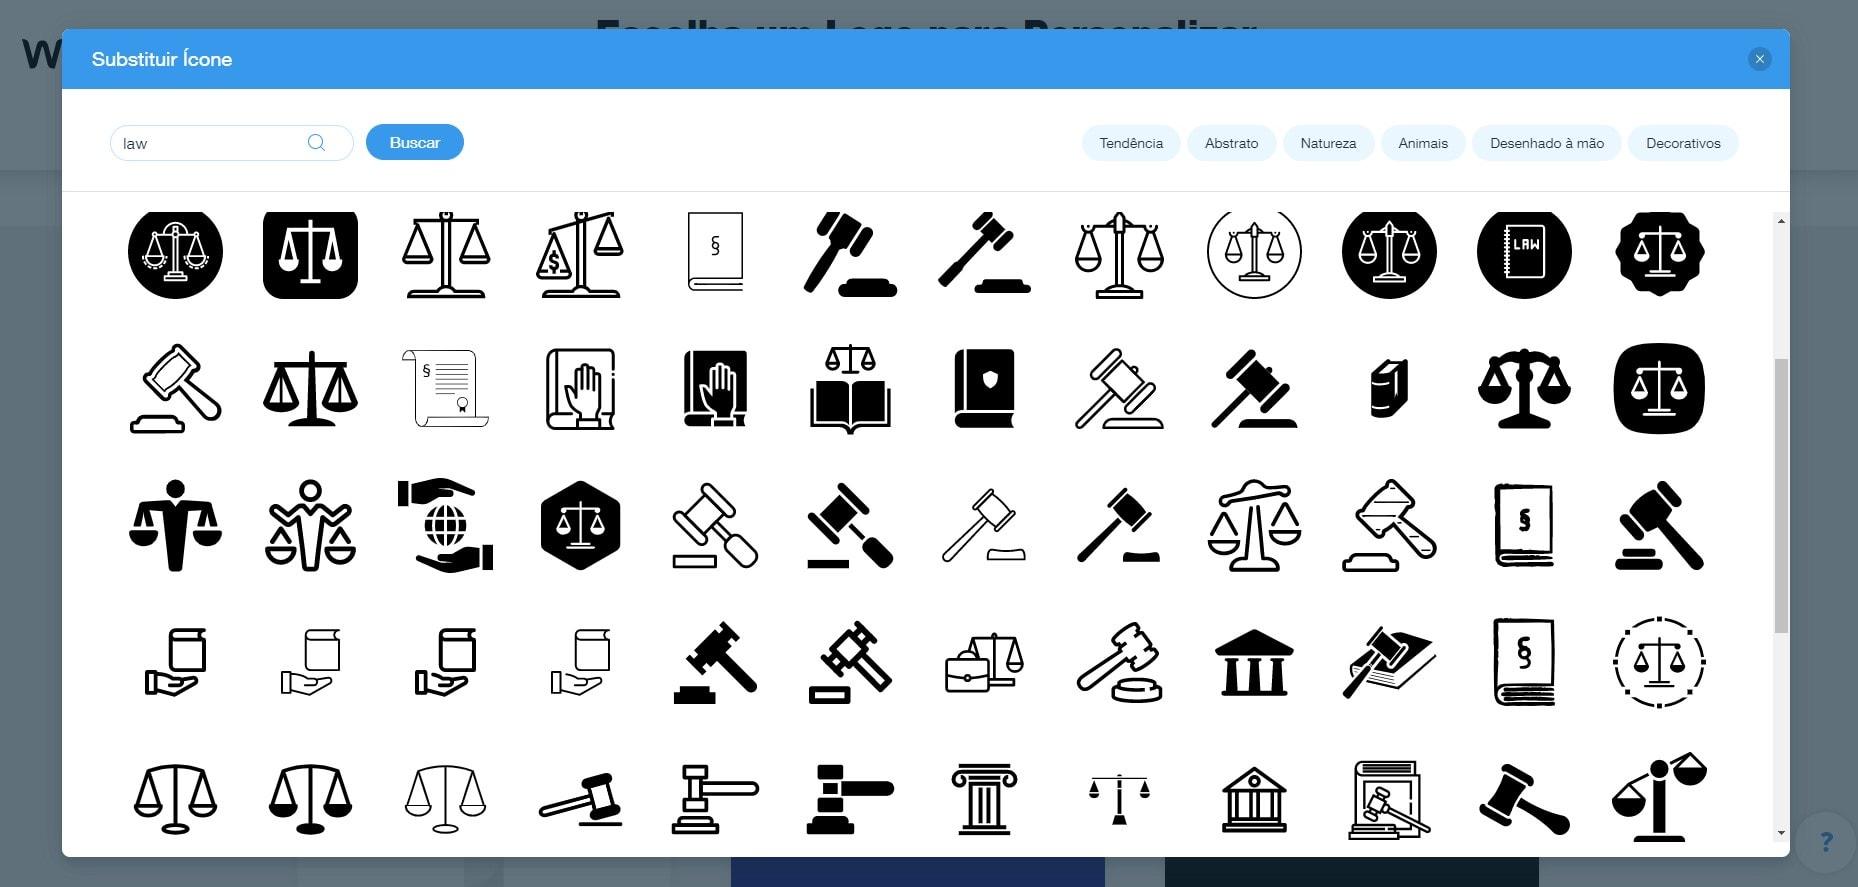 9 melhores logotipos de escritórios de advocacia e como criar seu próprio [2021]